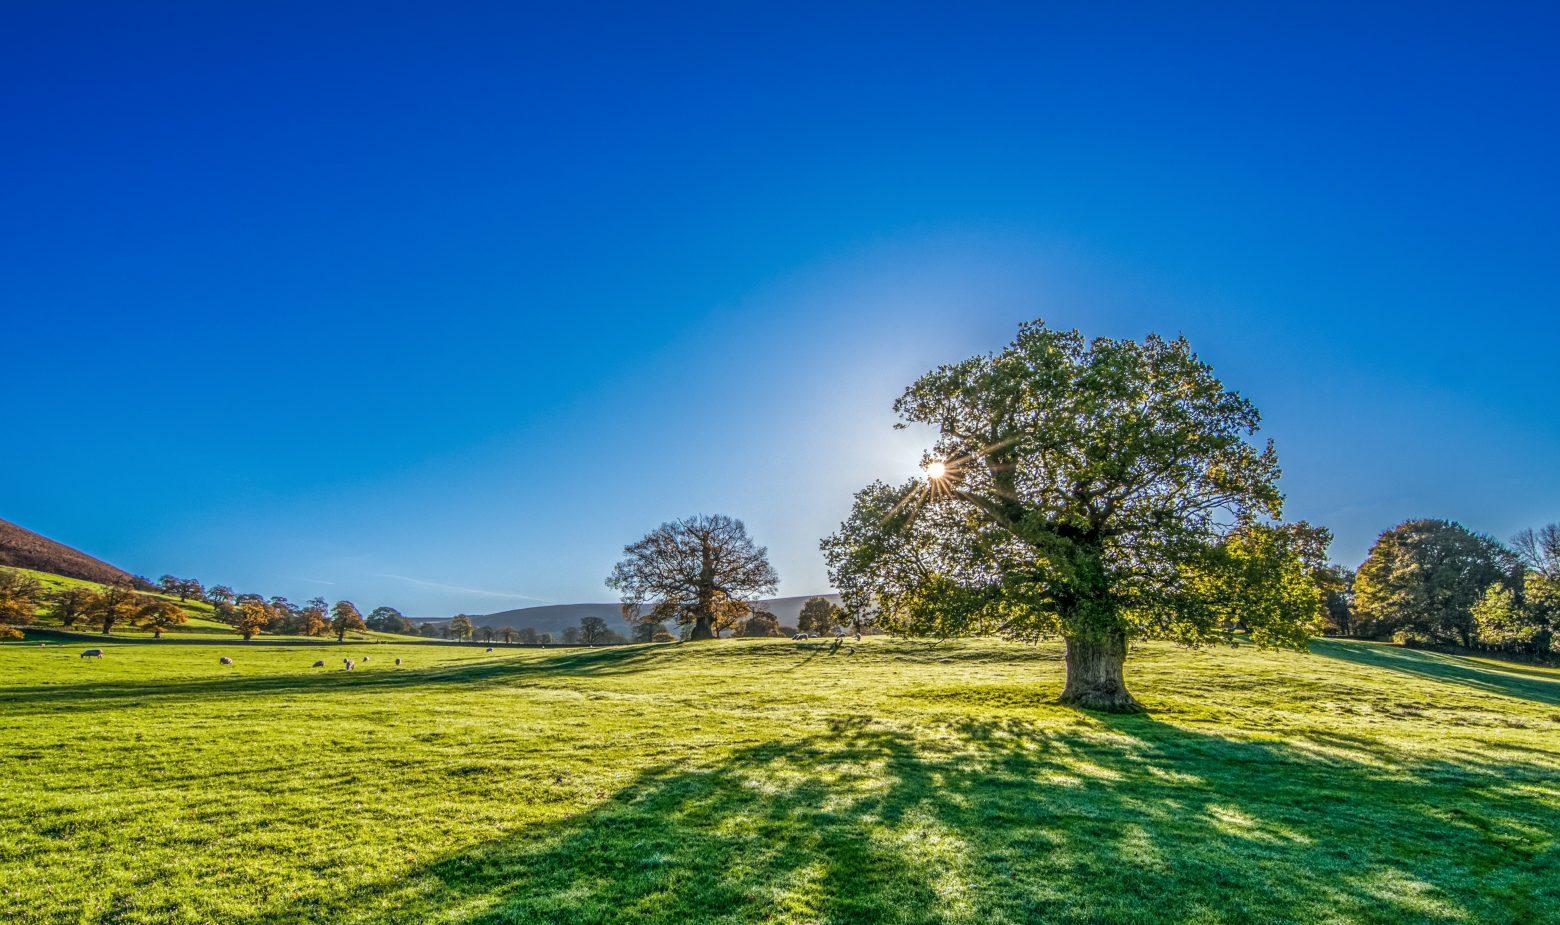 autumn-sunshine-2916763